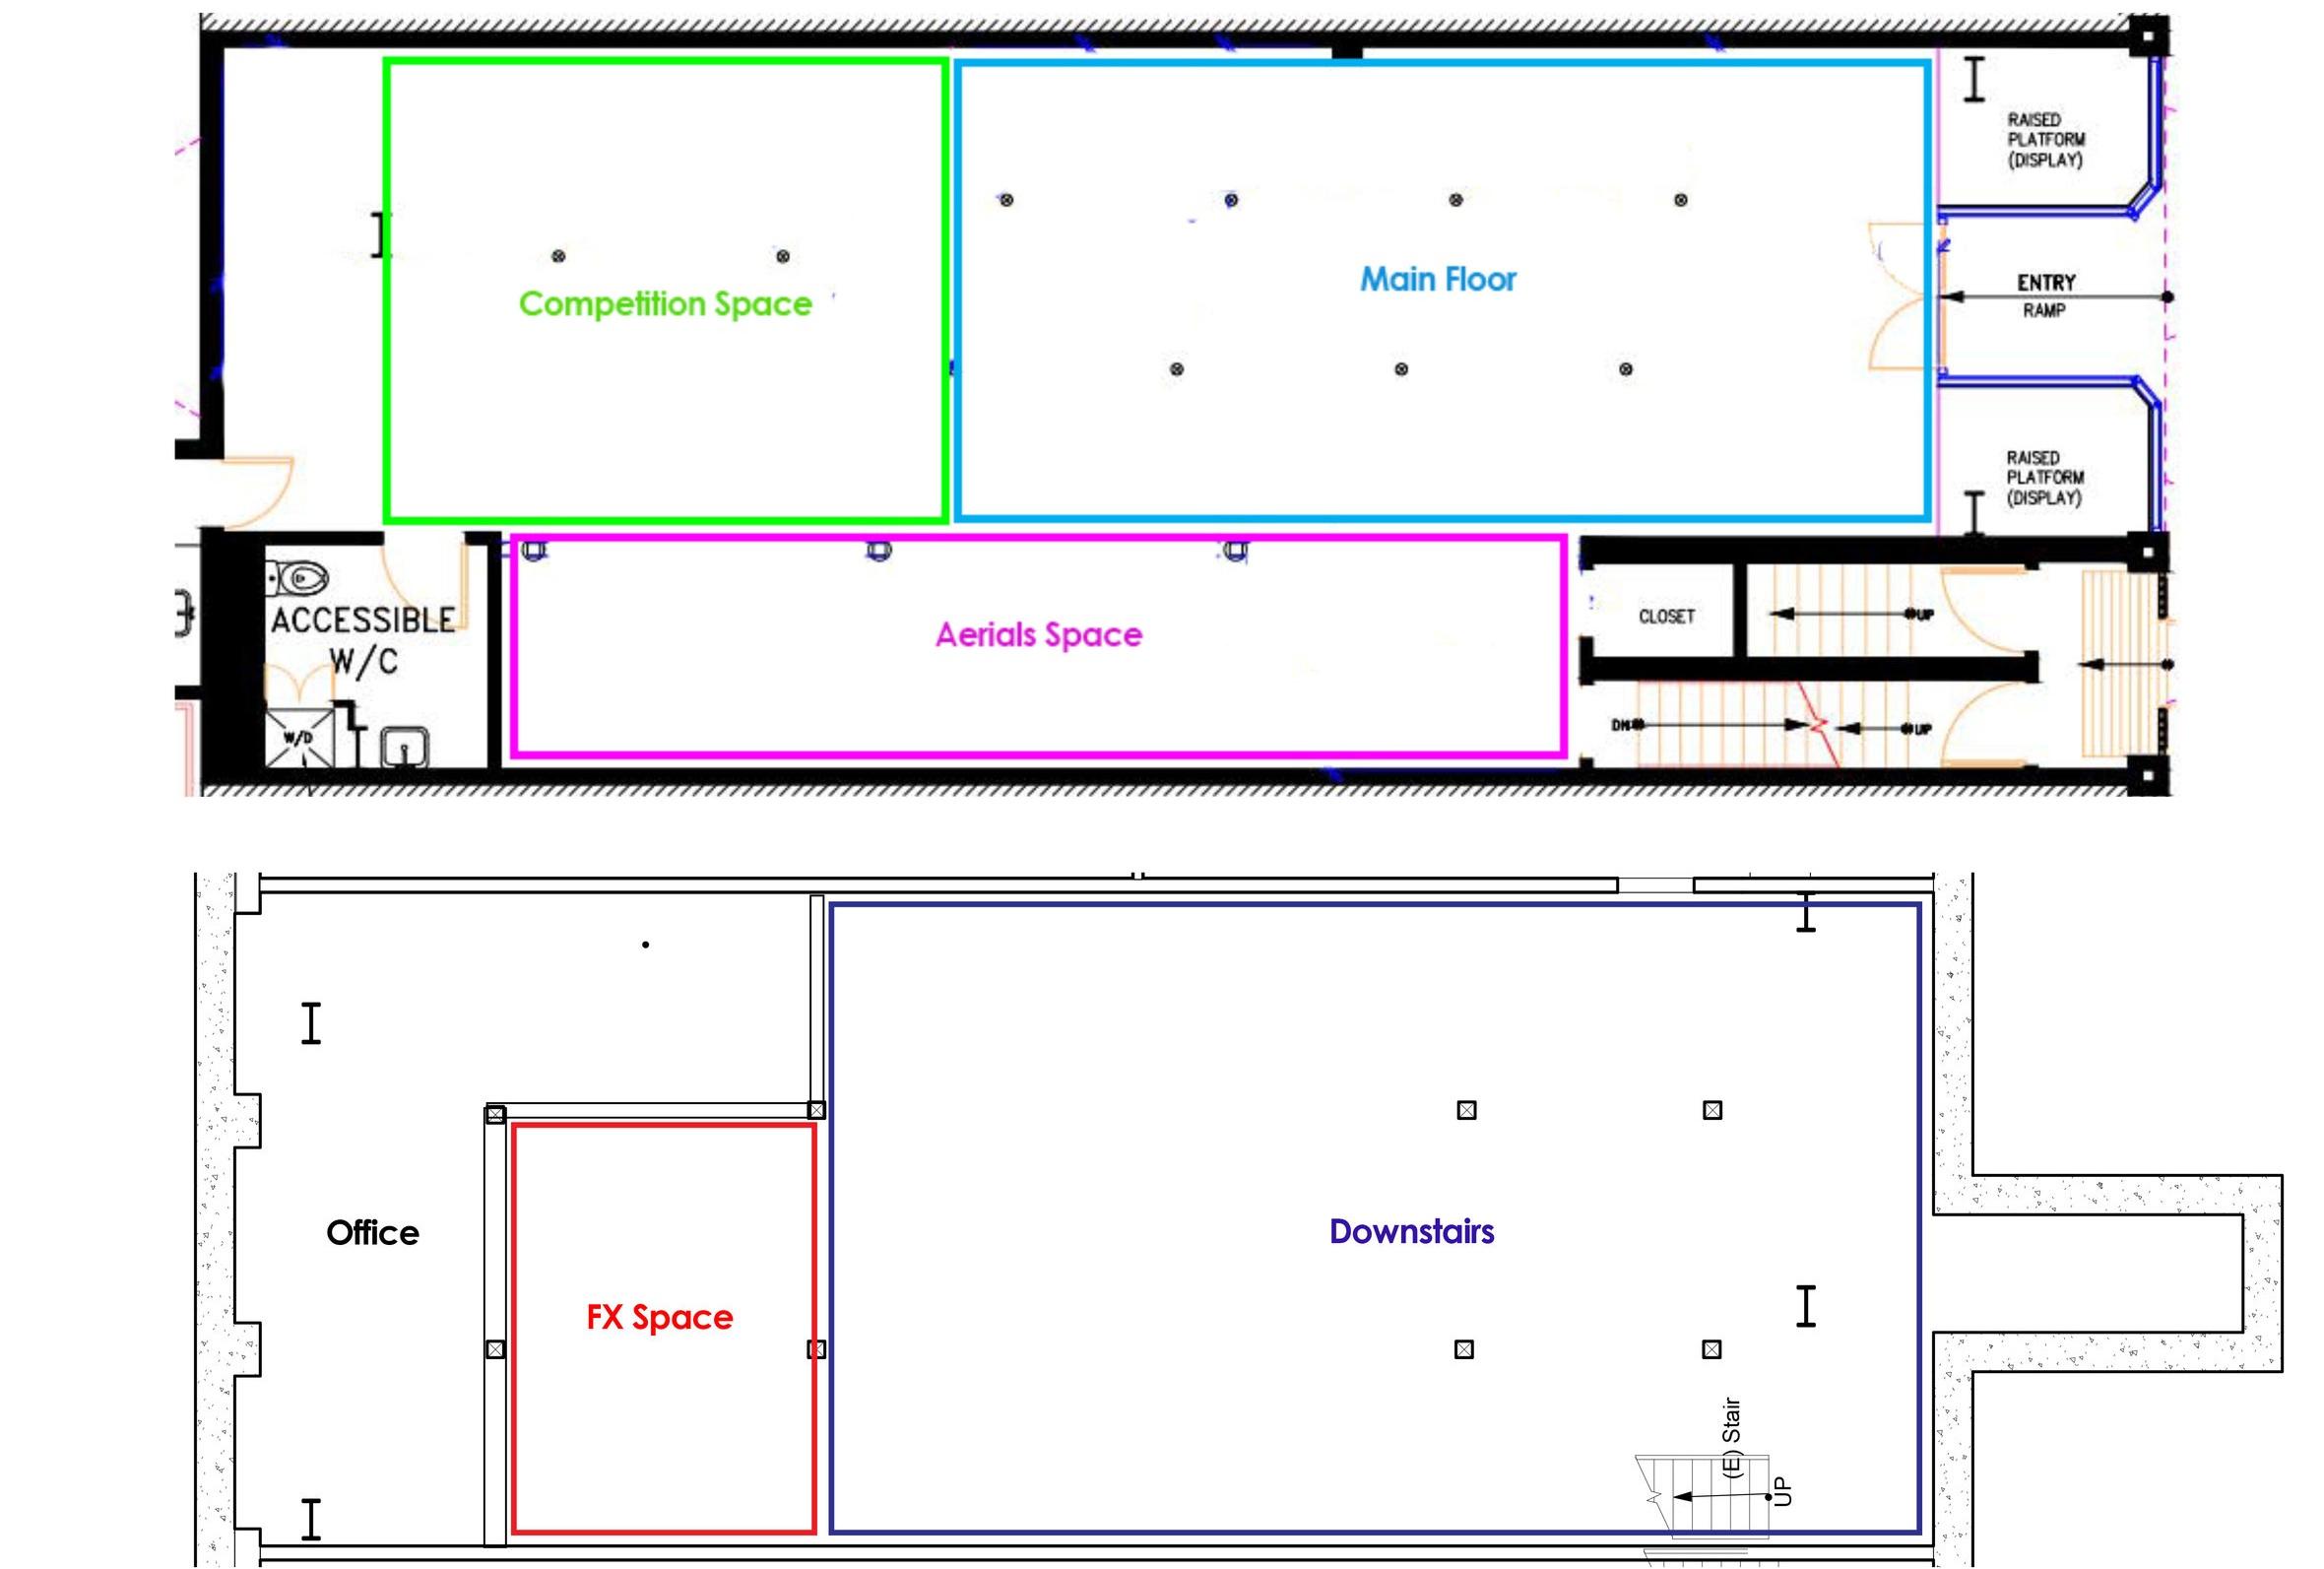 Haight+-+Rental+Spaces.jpg